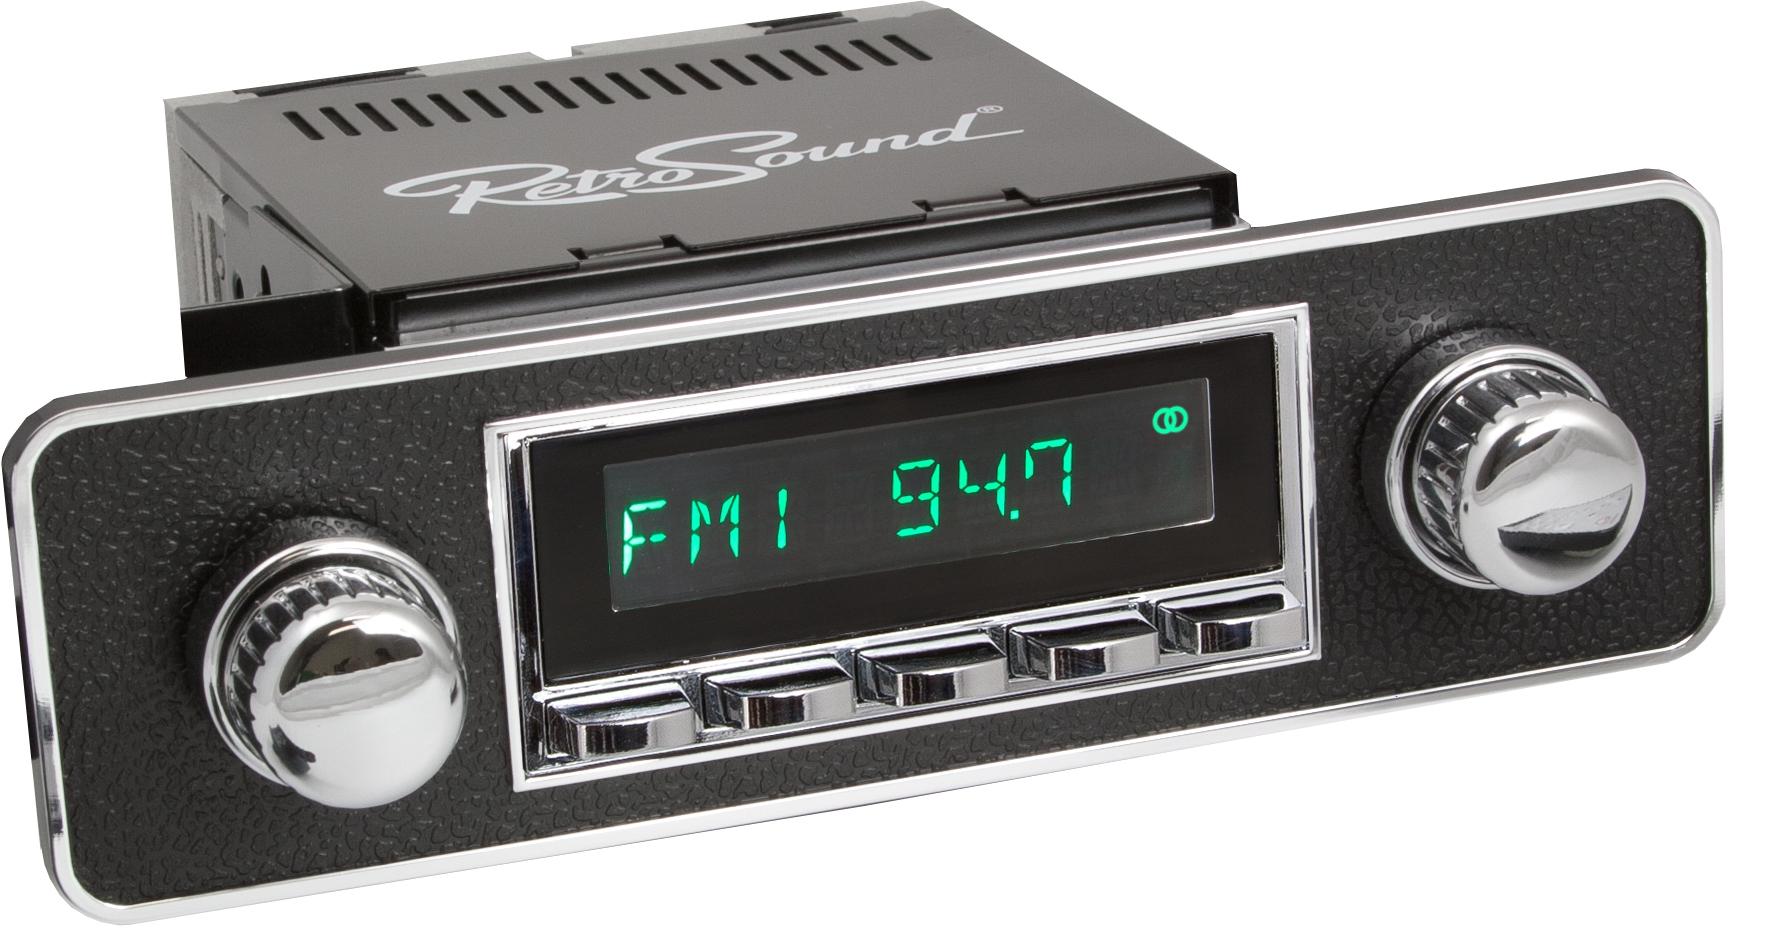 Retro Sounds Radios